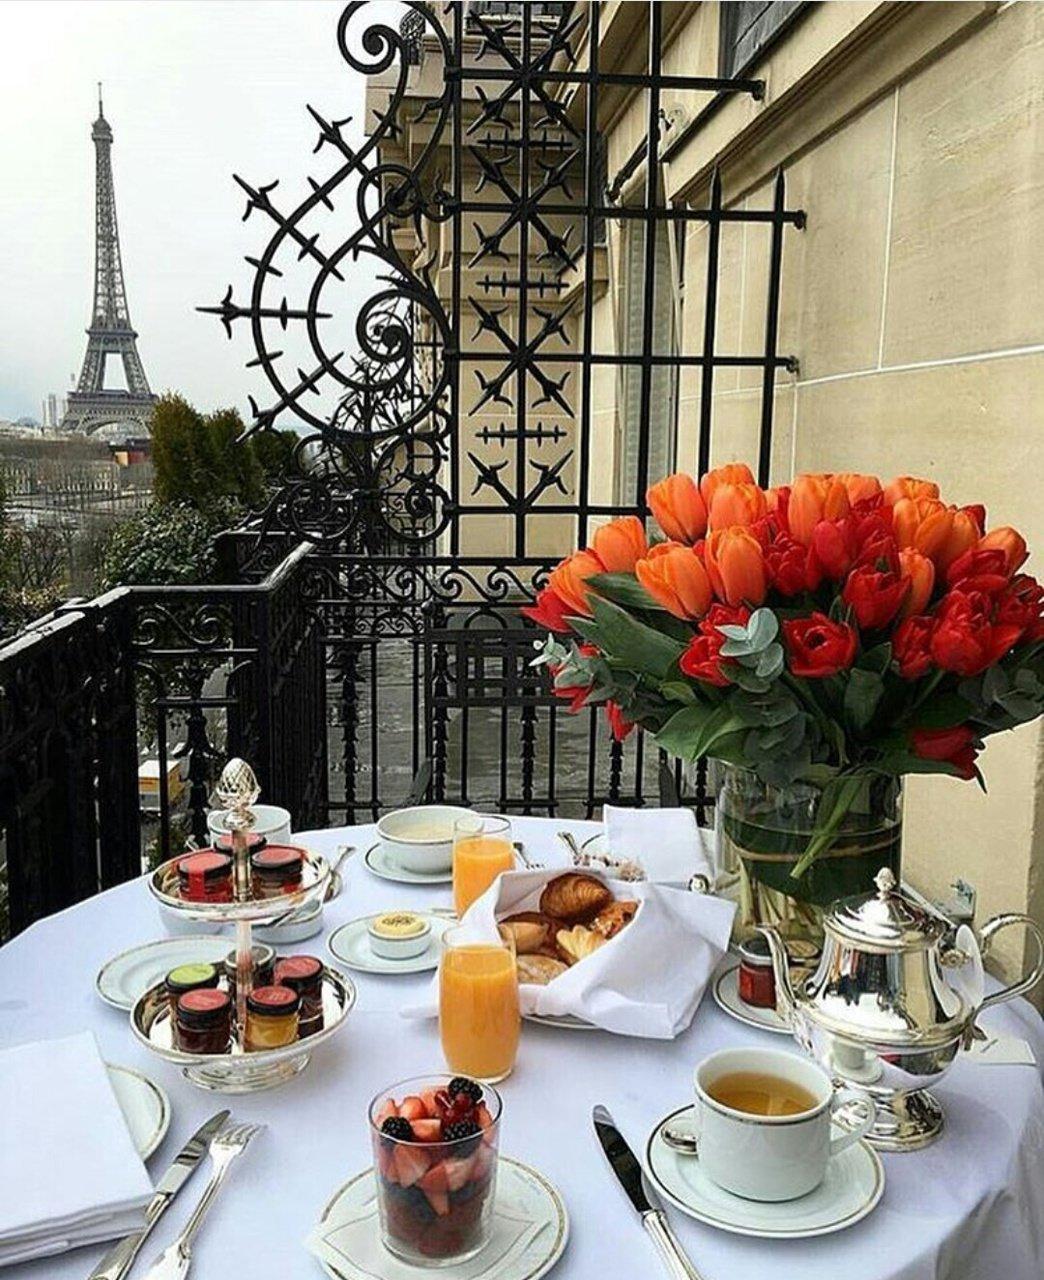 Красивый завтрак на балконе с видом на Эйфелеву башню» — карточка ...